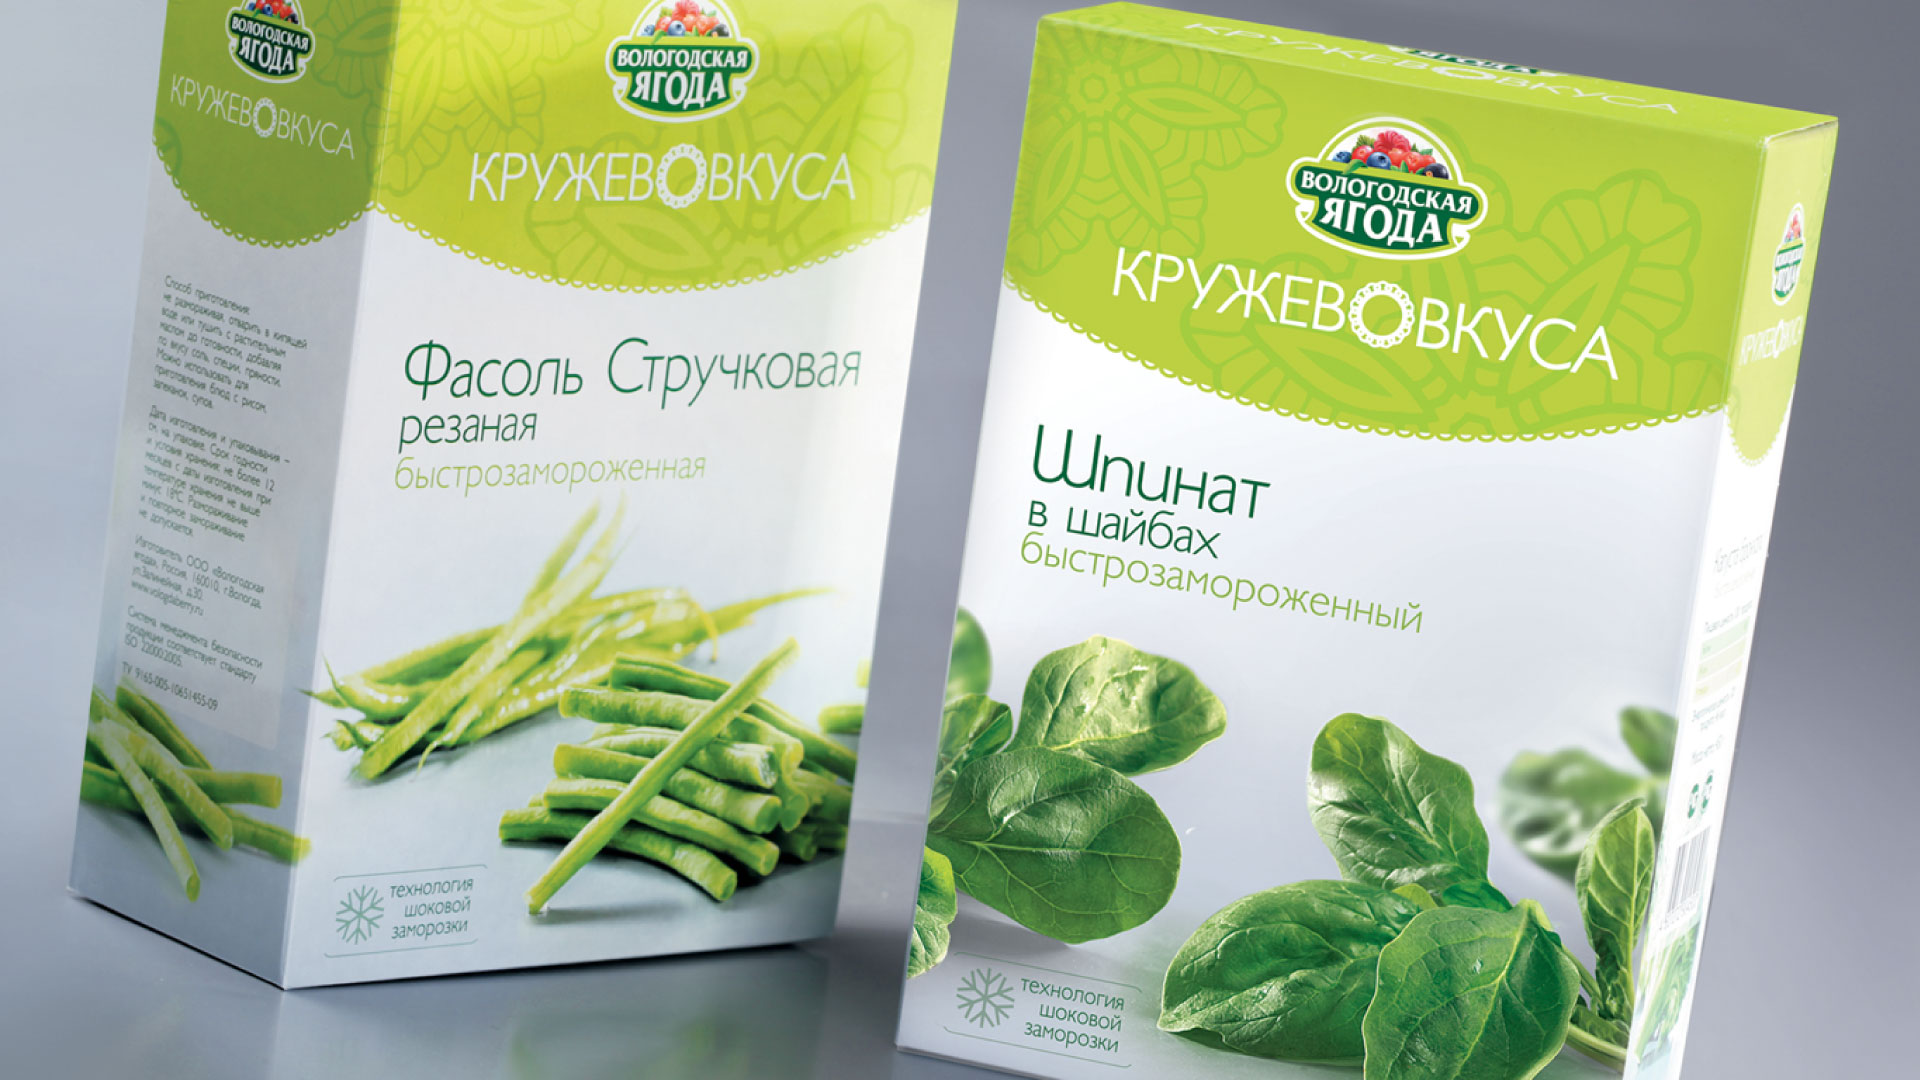 Дизайн упаковки фасоли и шпината Вологодская ягода